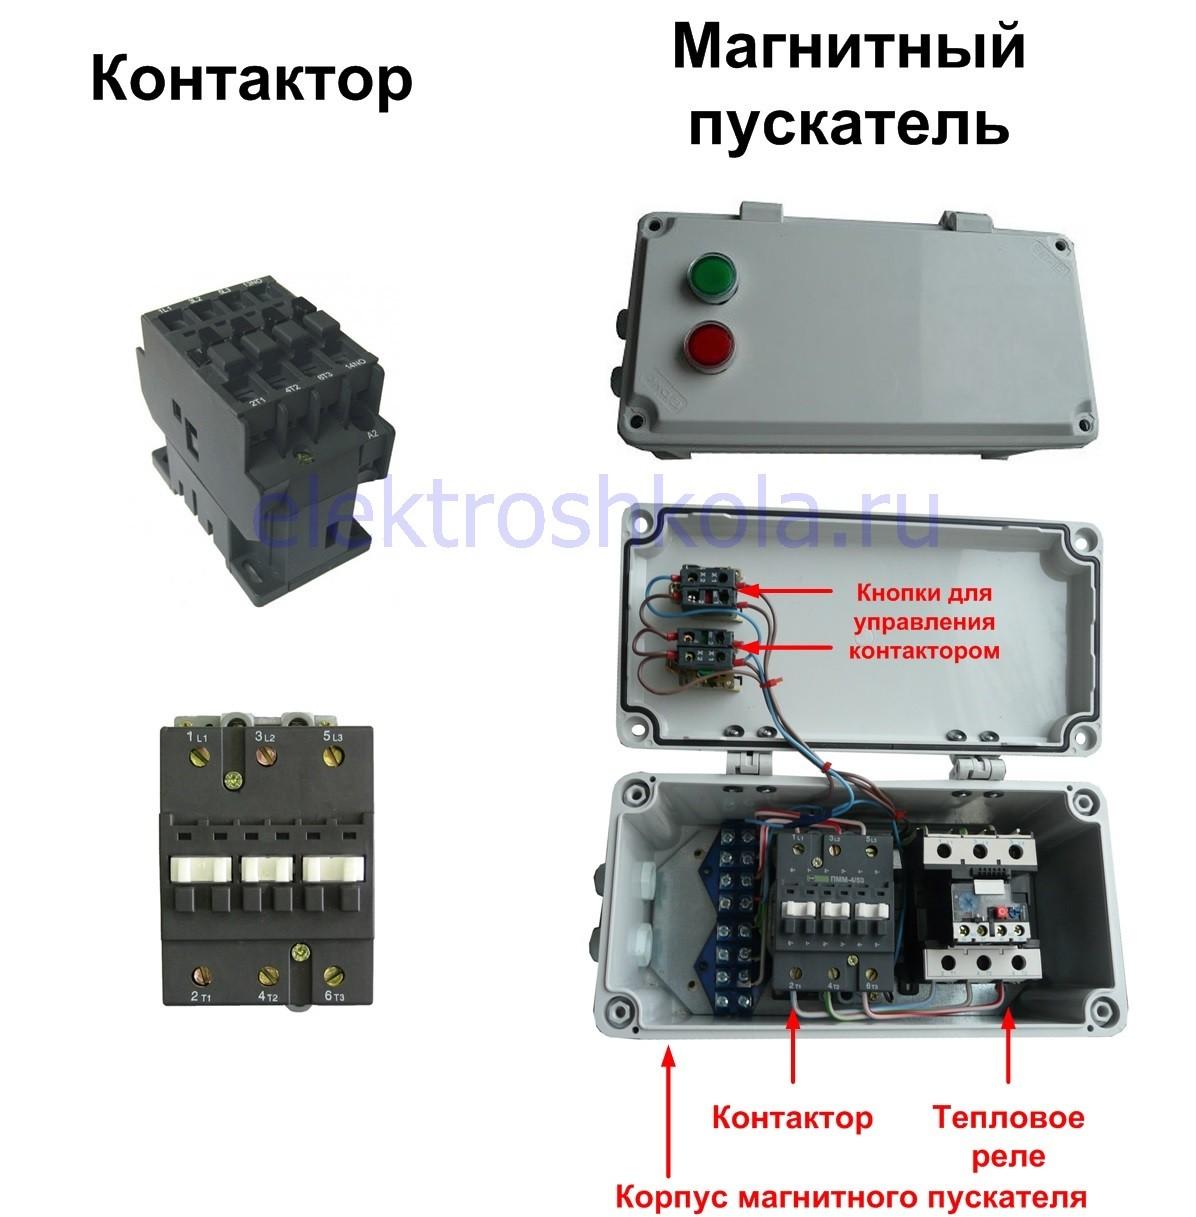 разница между контактором и магнитным пускателем